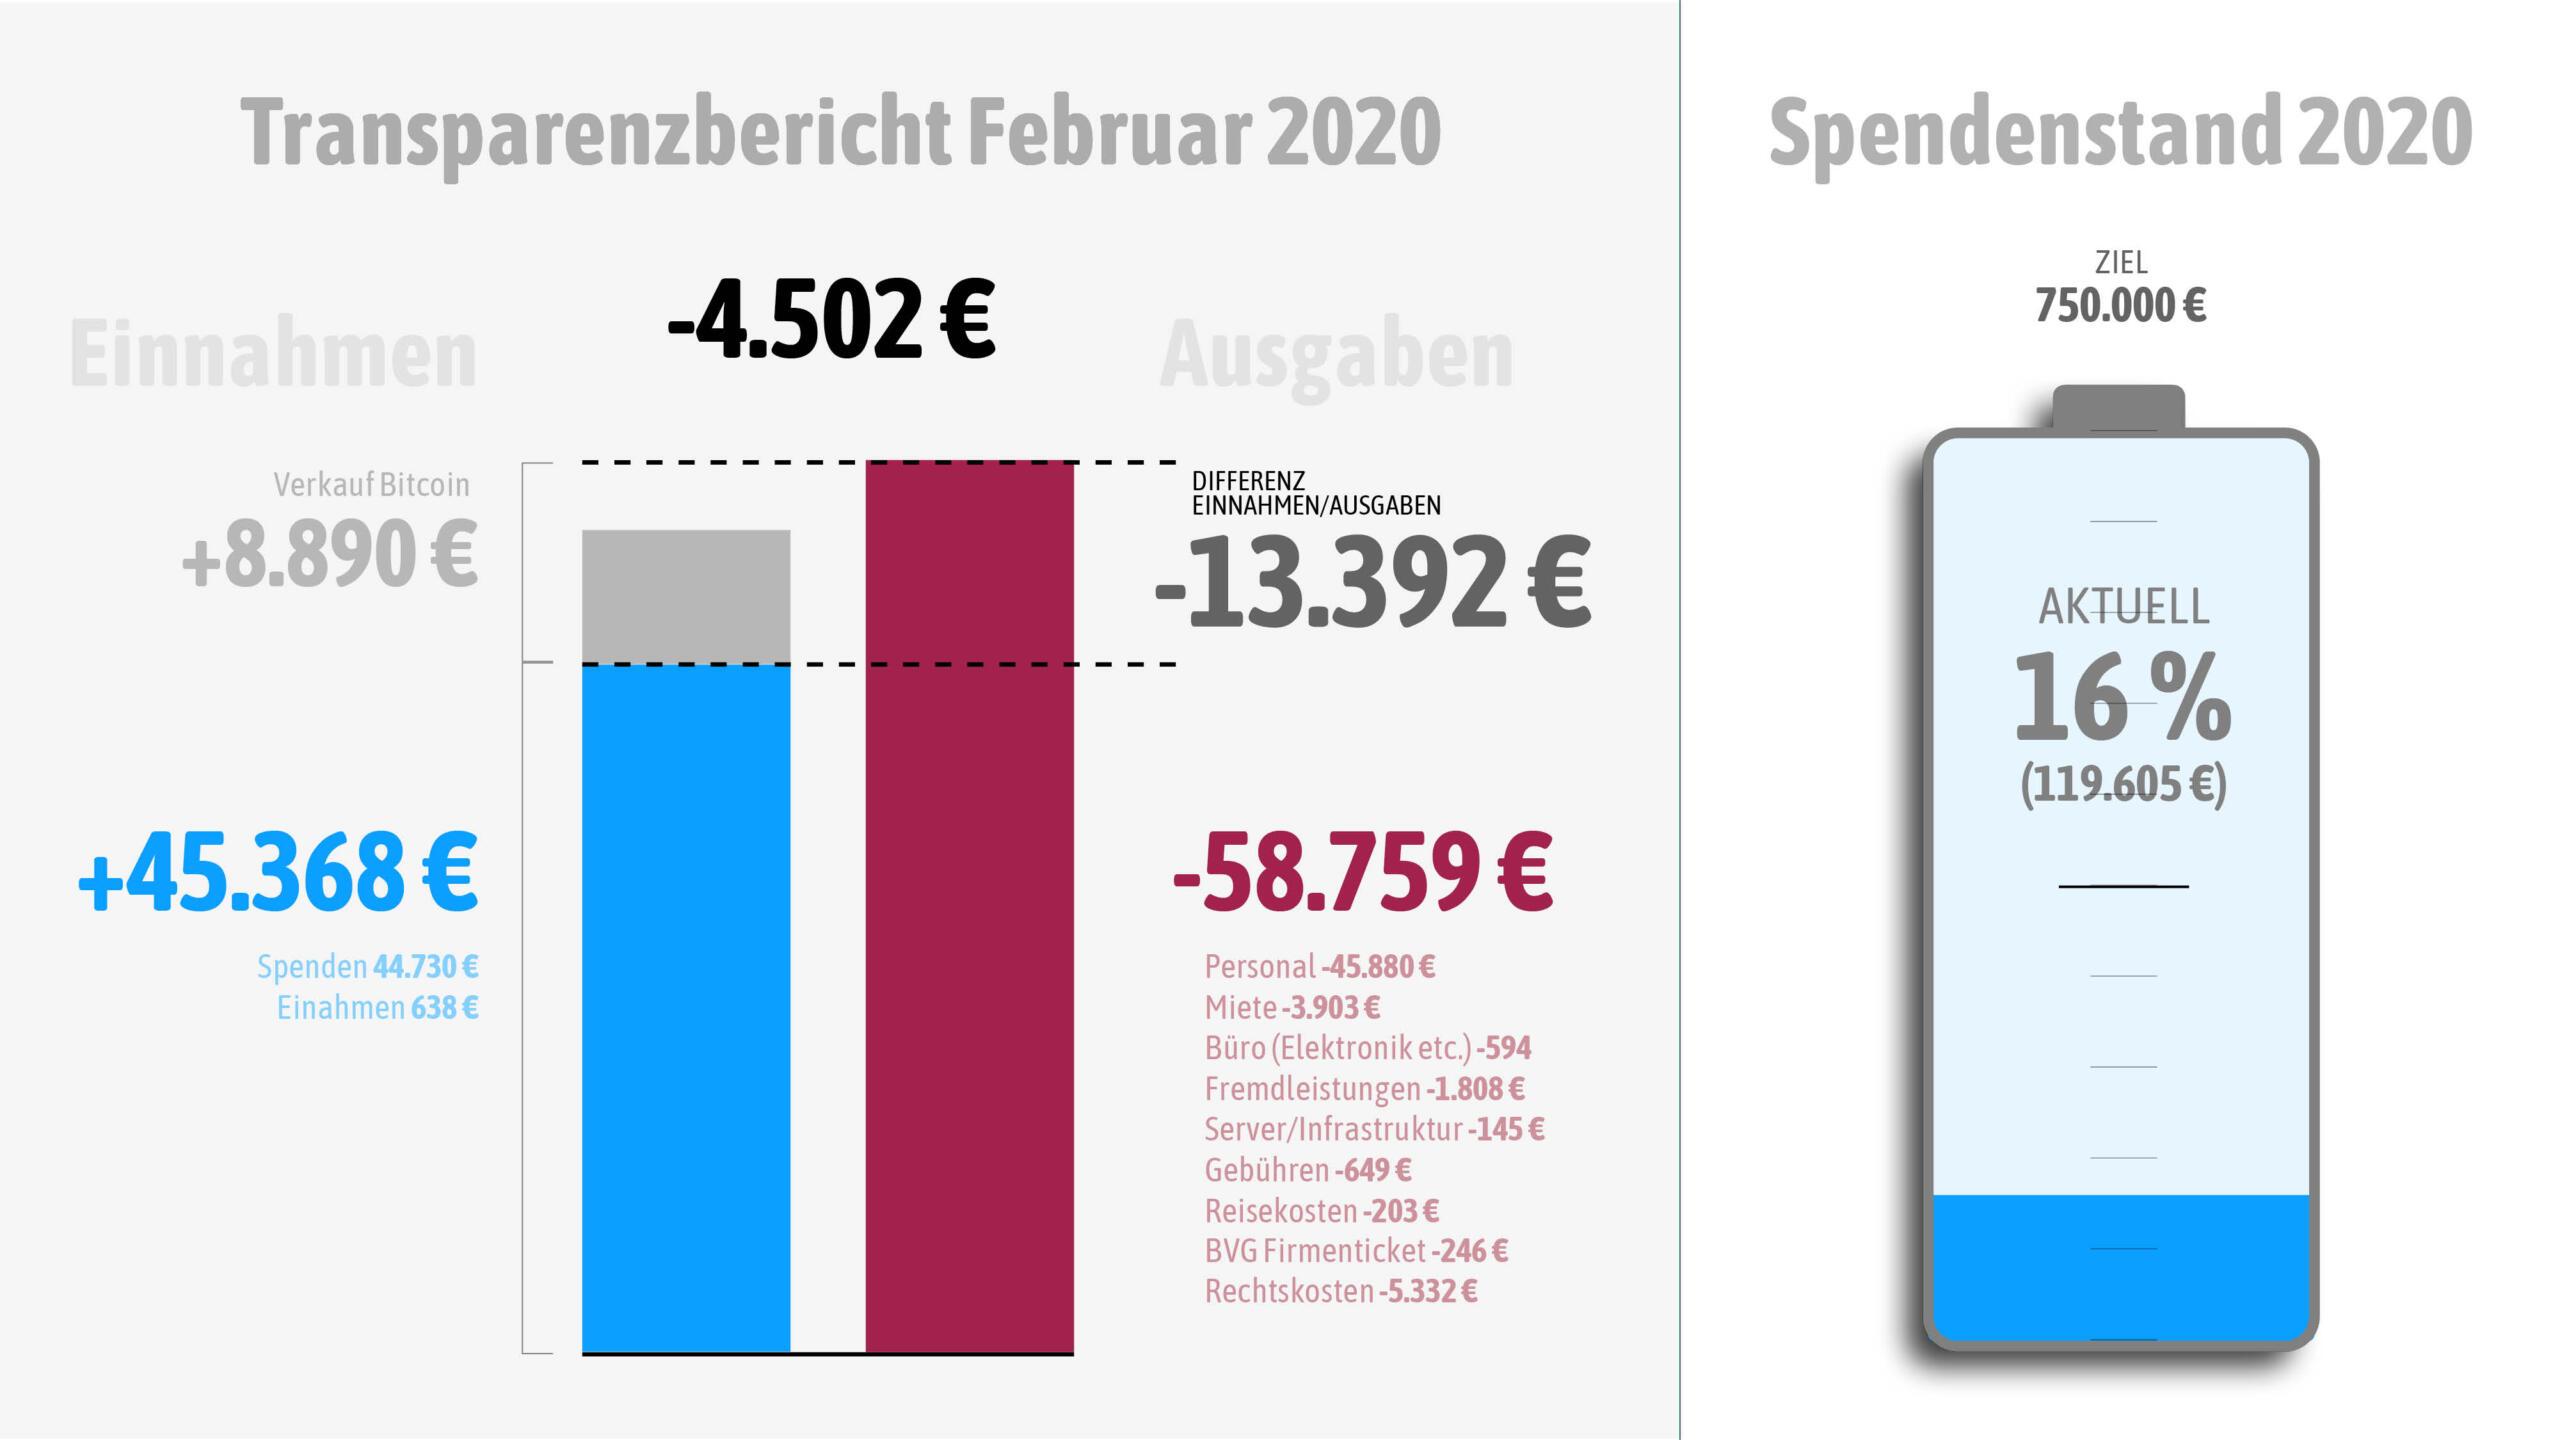 Wir haben im Februar rund 13.000 Euro Minus gemacht.